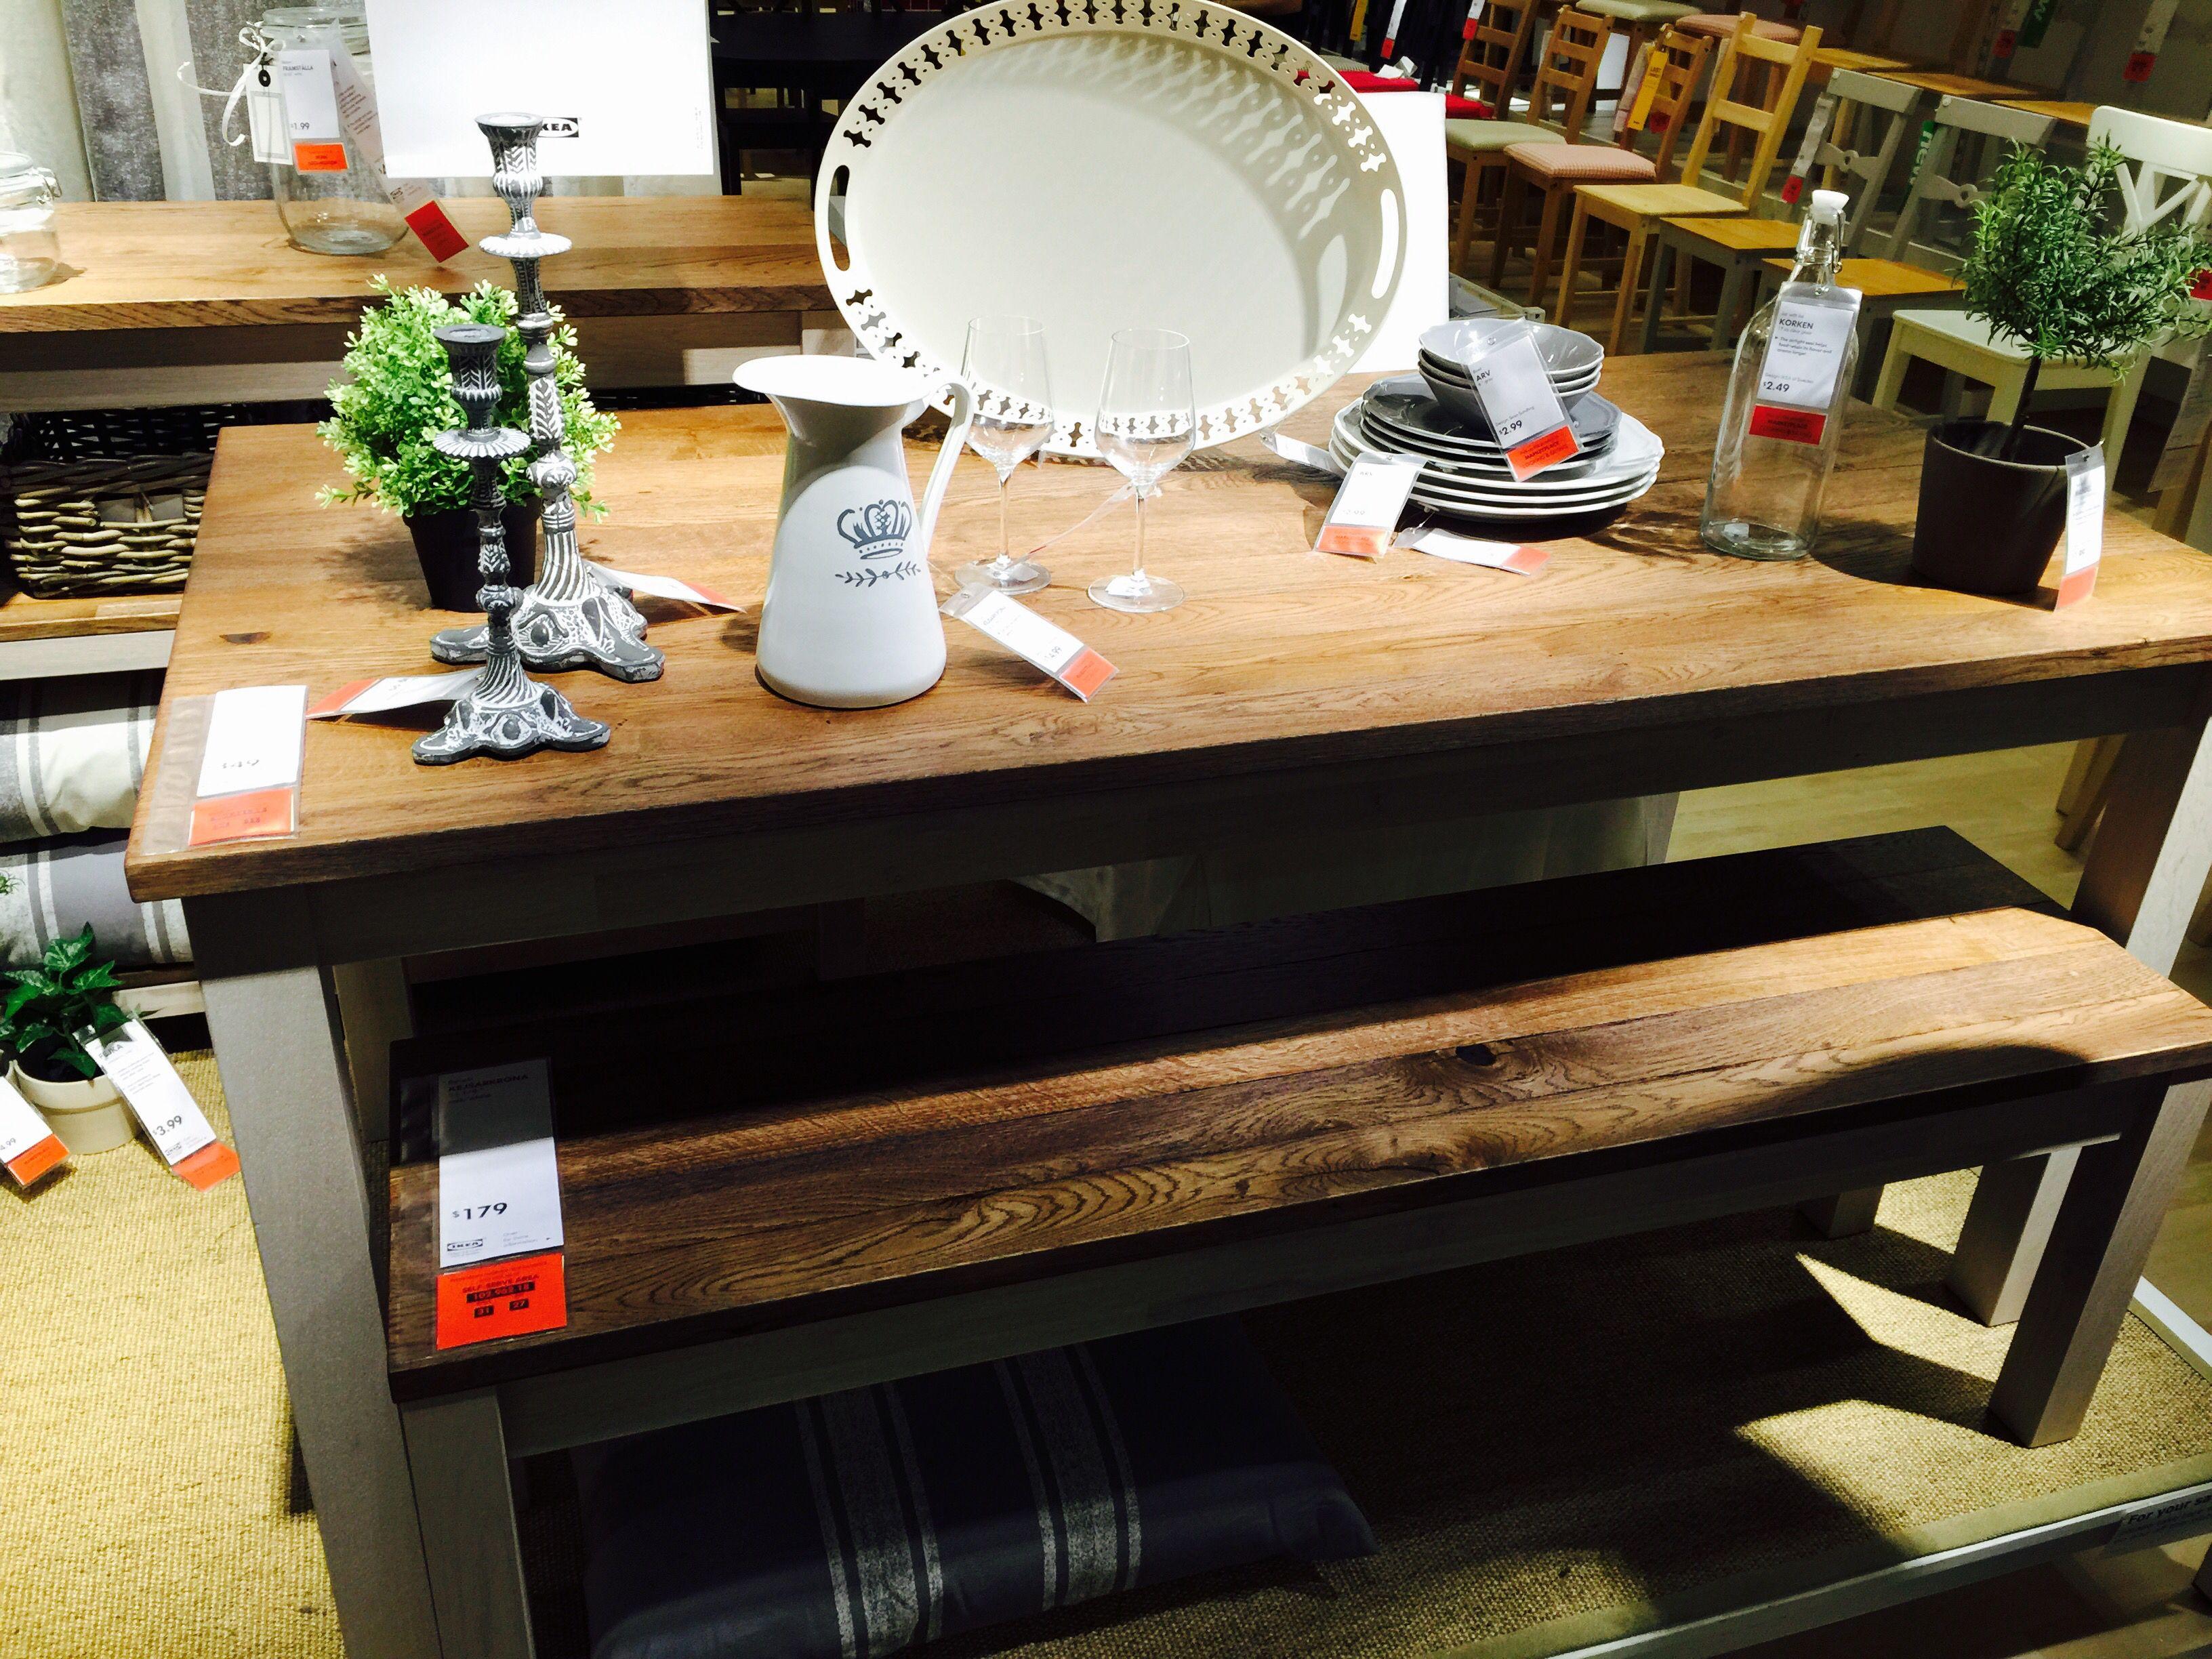 Kejsarkrona table at IKEA House Ideas Pinterest  : 5042021f73d1dd501e4d4325163eb7a8 from www.pinterest.com size 3264 x 2448 jpeg 6192kB